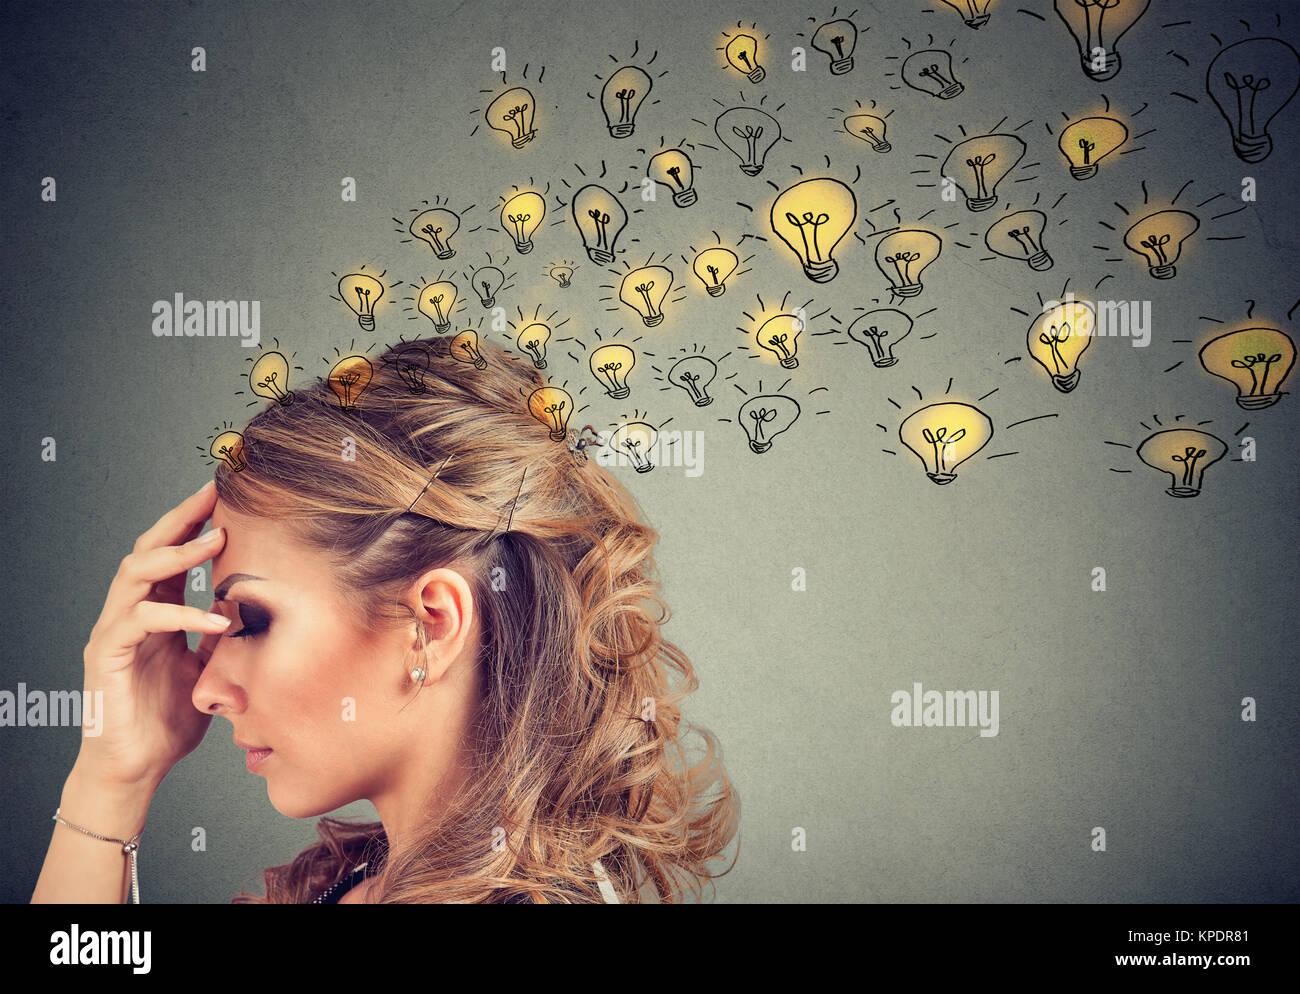 Jeune femme pense avoir concentré avec beaucoup d'idées avec gravure en toile de ampoules. Photo Stock